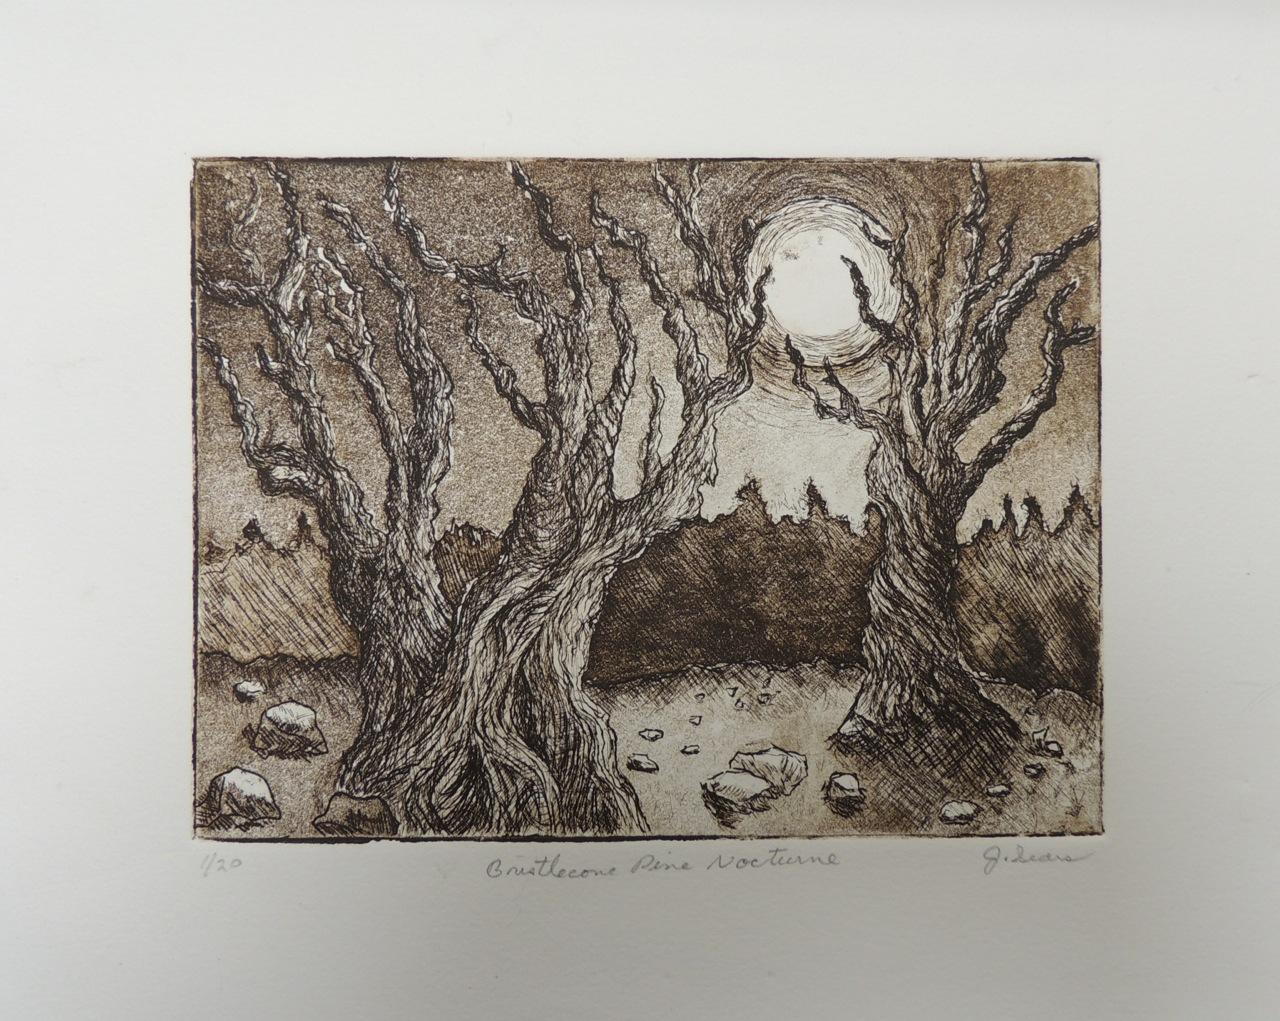 Bristlecone Pine Nocturne